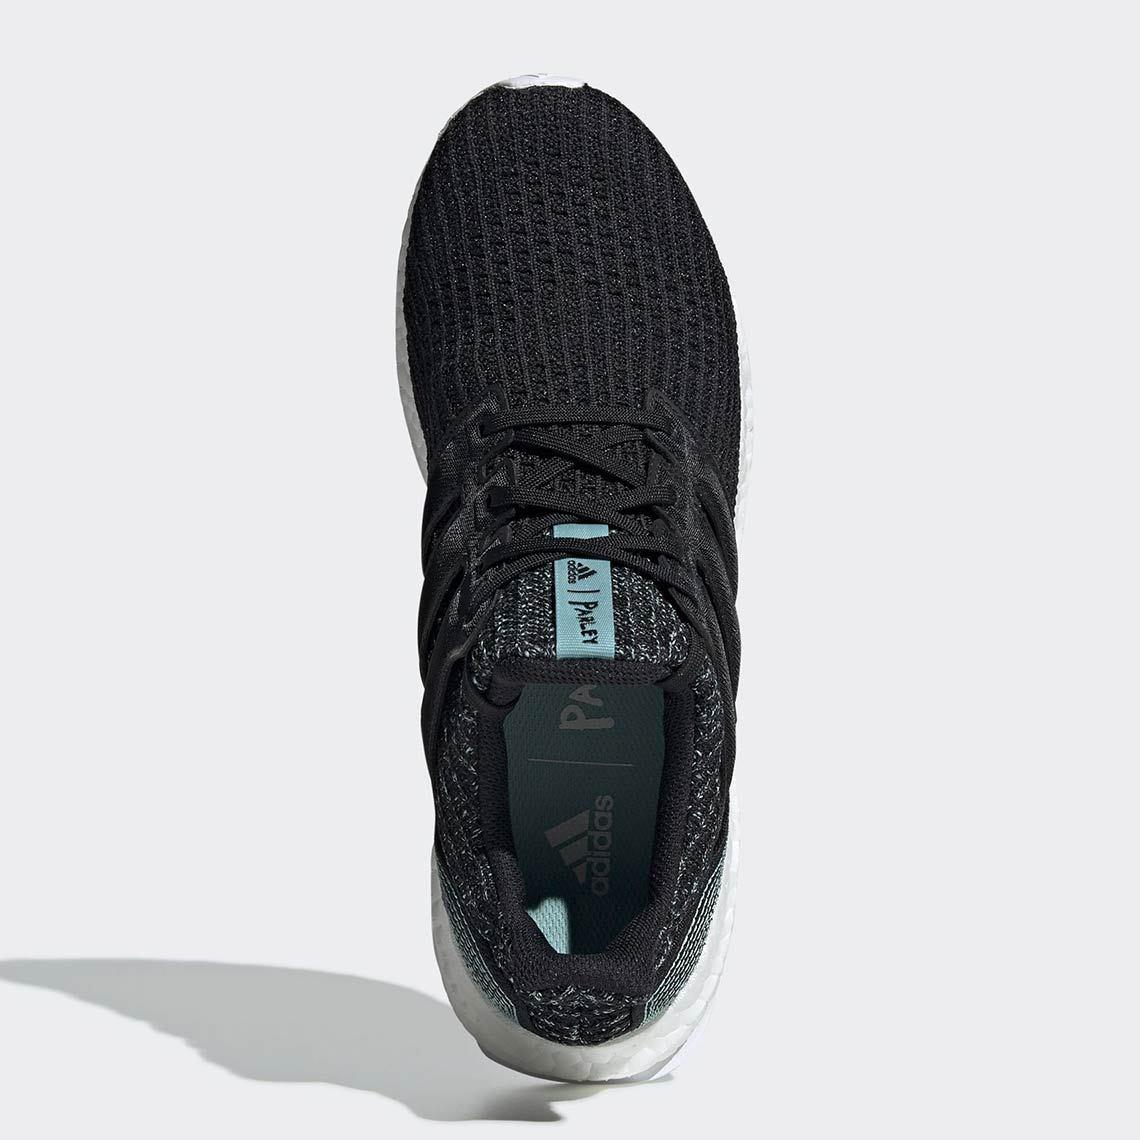 parley-adidas-ultra-boost-f36190-6.jpg